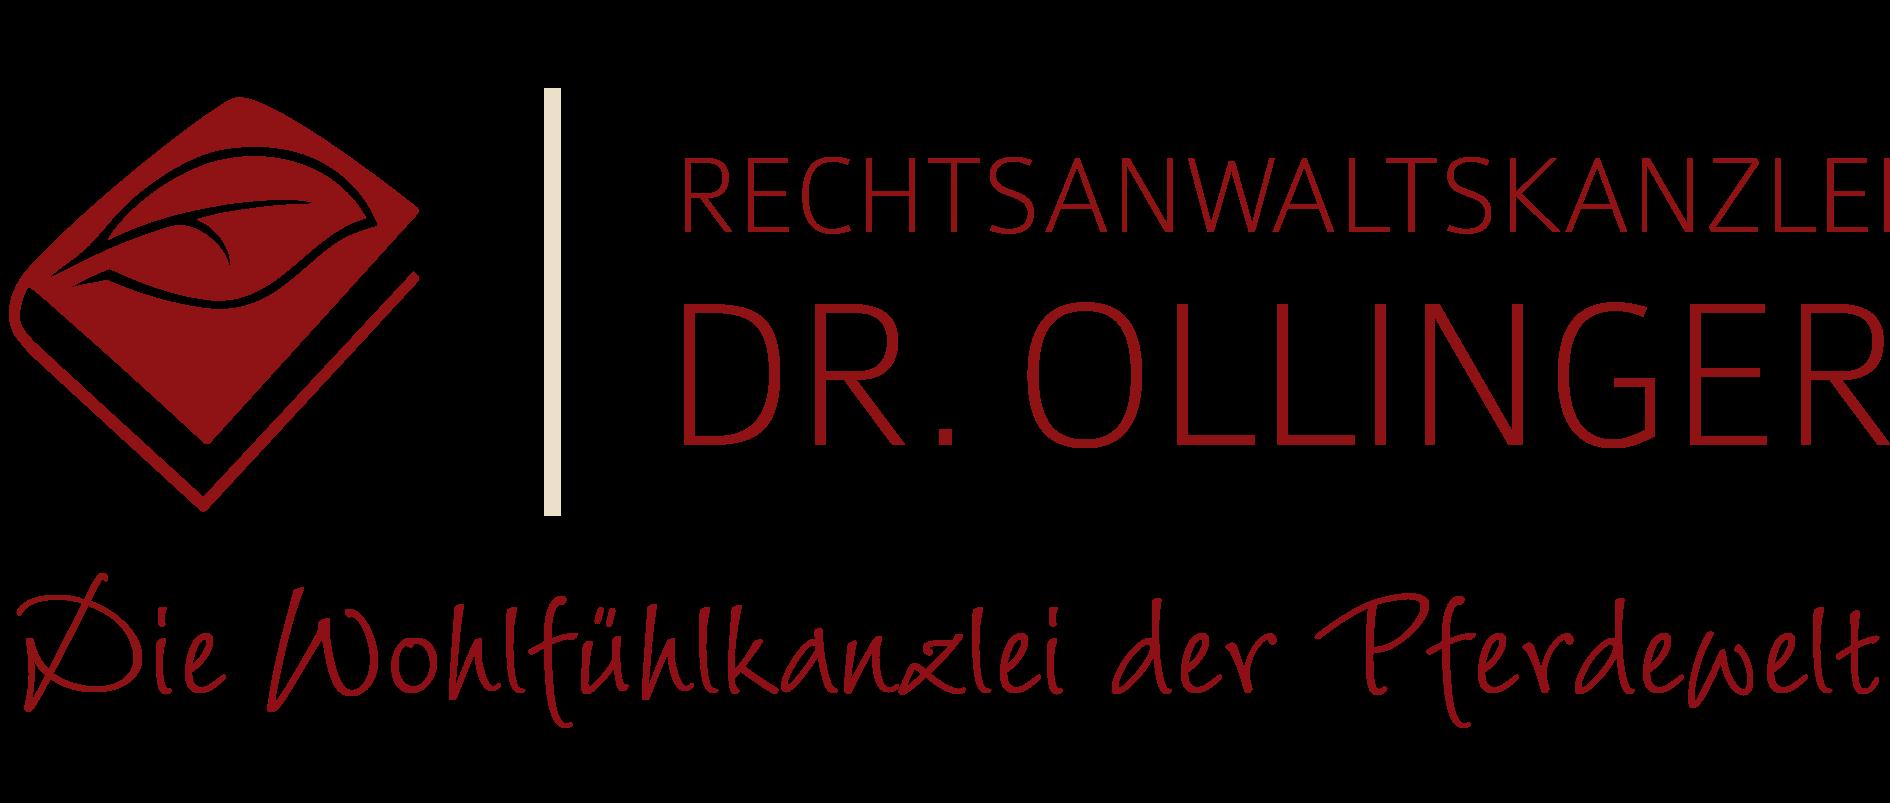 Pferde-Rechtsanwalt Dr. Ollinger